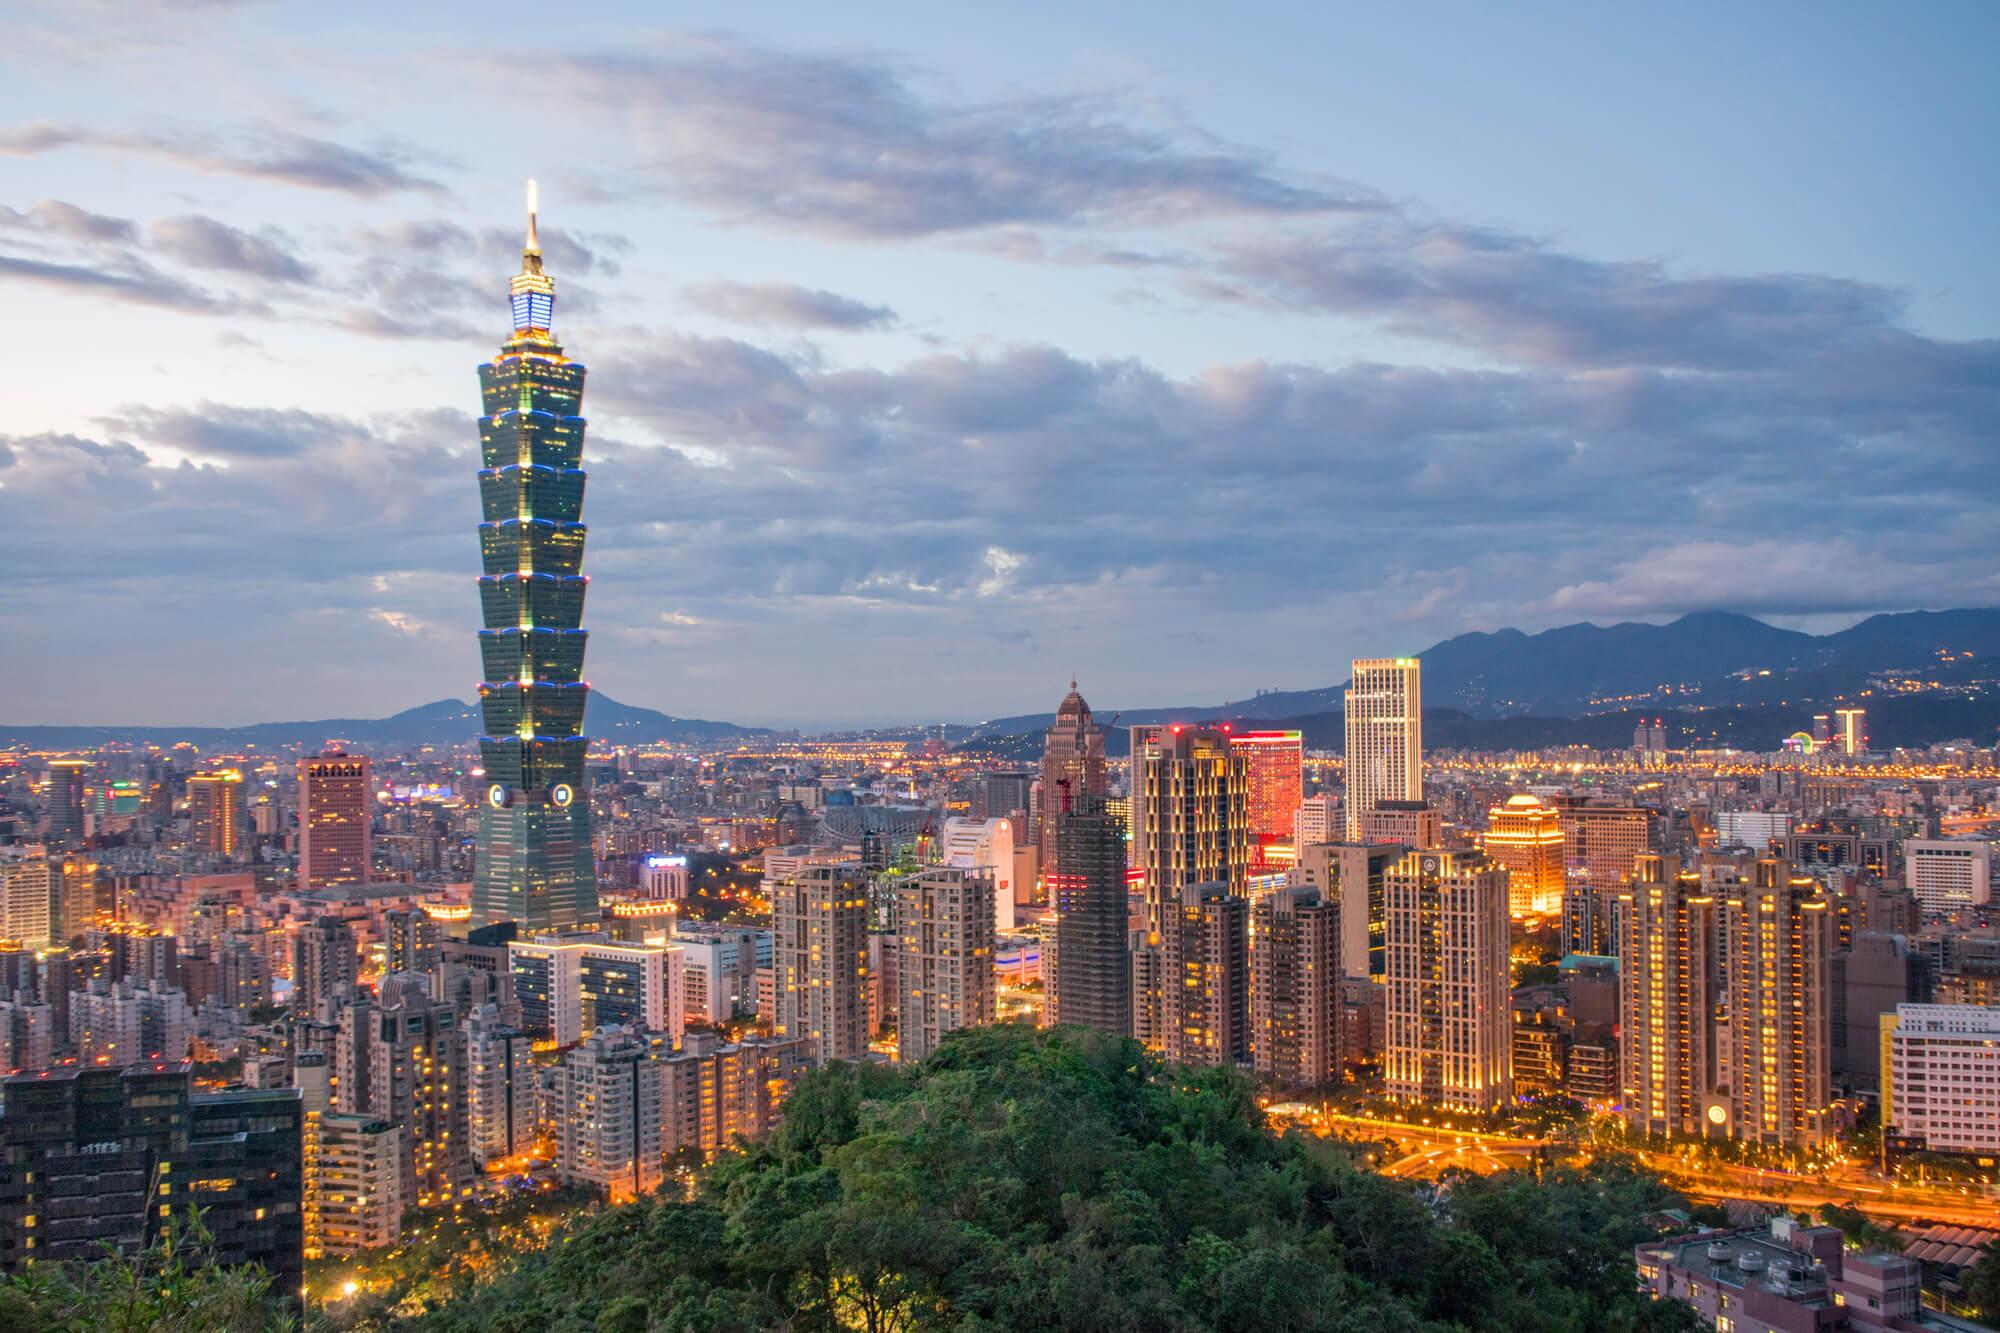 知らないと罰金も!台湾旅行で絶対知っておきたい驚きと心温まるルール ...